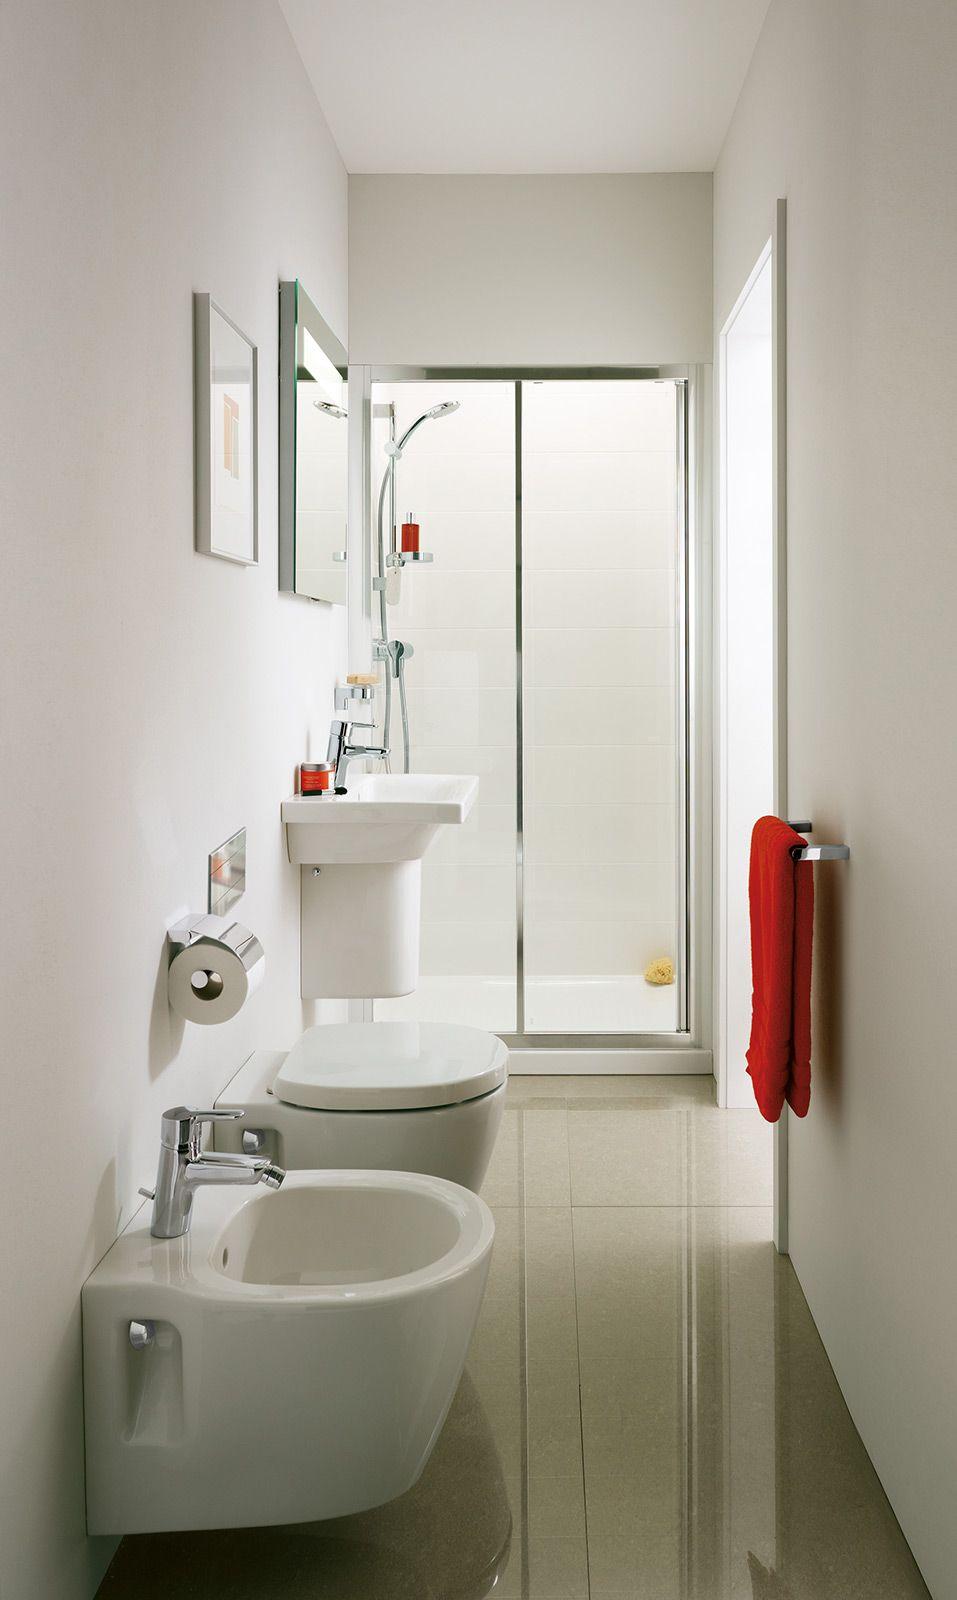 Bagno piccolo, soluzioni piccole | Bathroom organization, Exterior ...